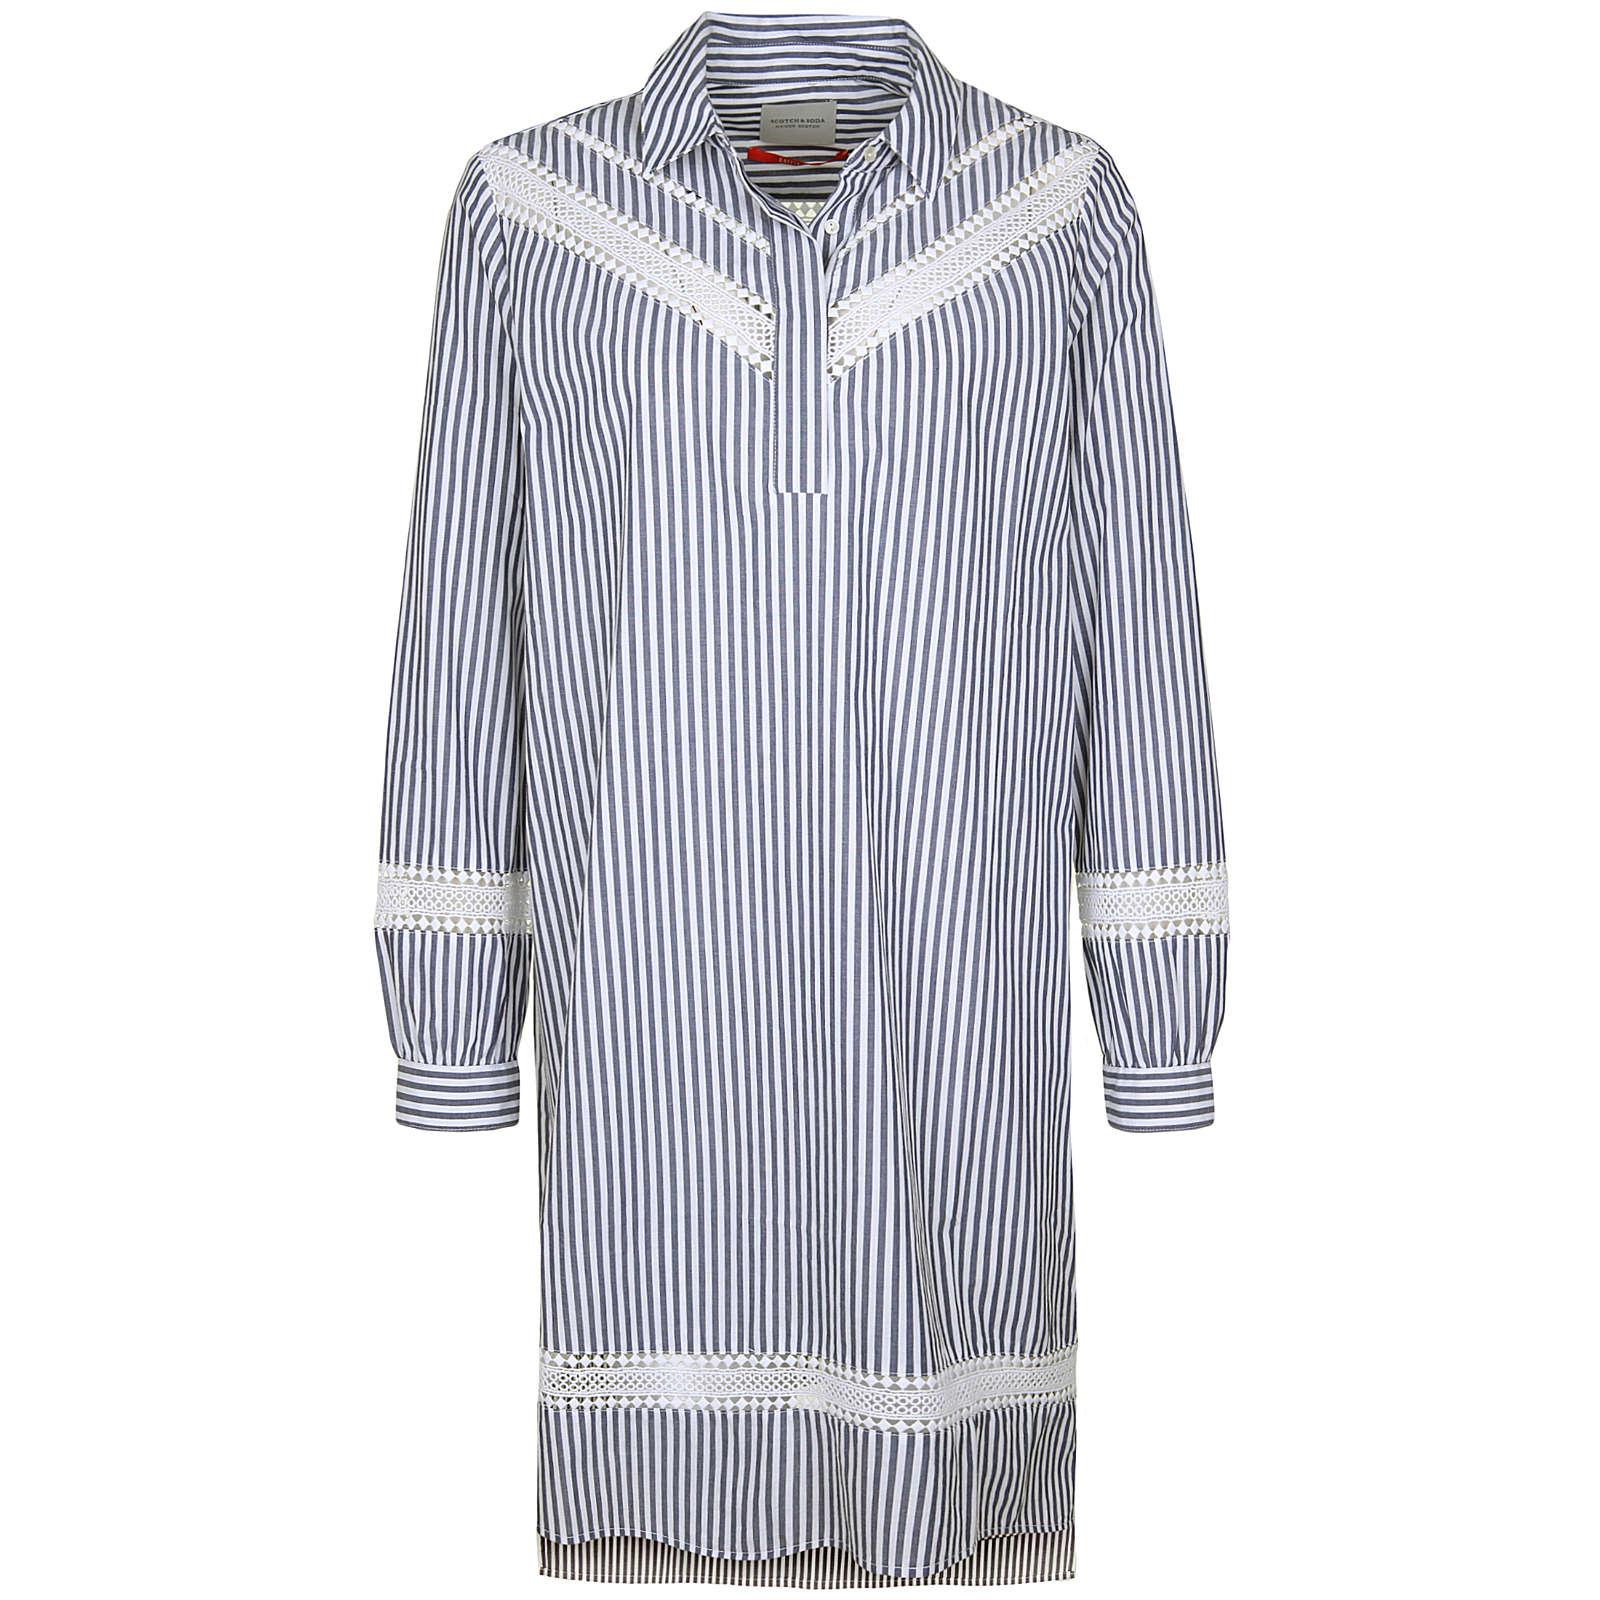 Scotch & Soda Blusenkleid mit Spitze Blusenkleider bunt Damen Gr. 40